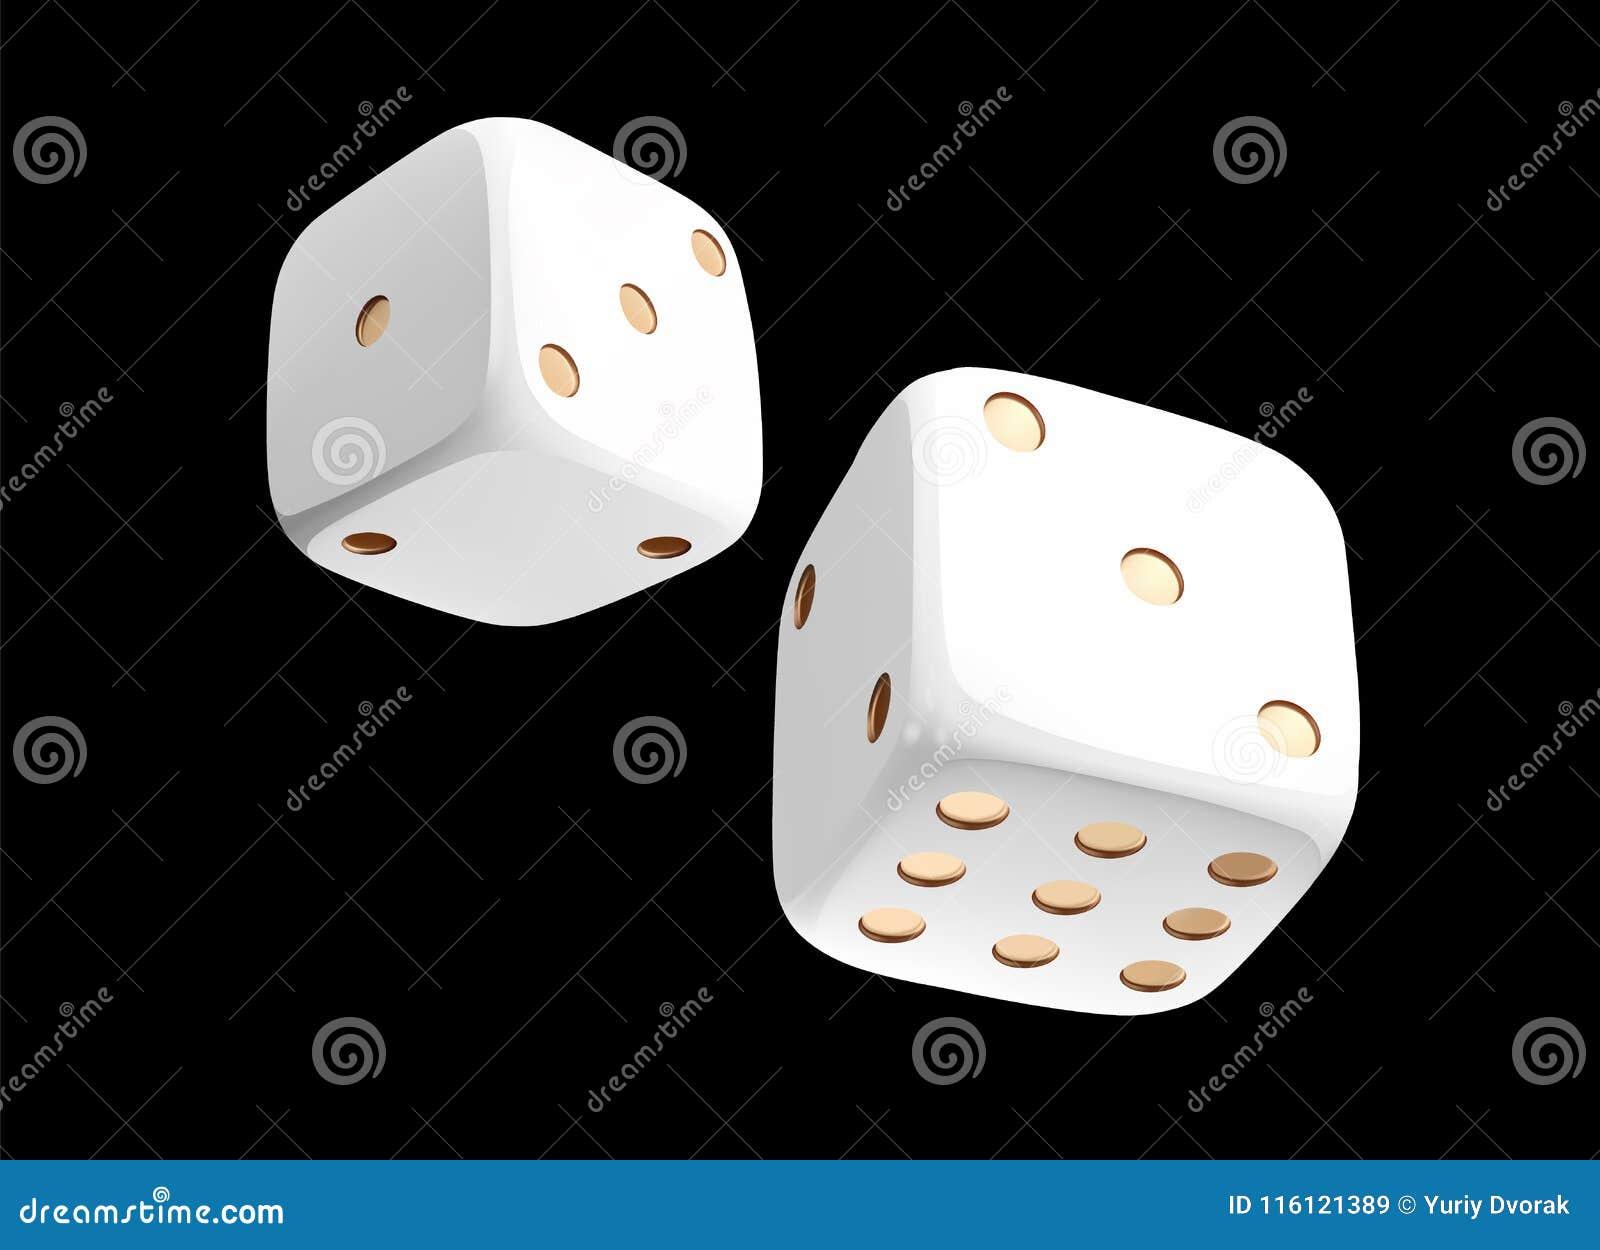 Кость казино белая на черной предпосылке Онлайн кость казино играя в азартные игры концепция изолированная на черноте вектор кост